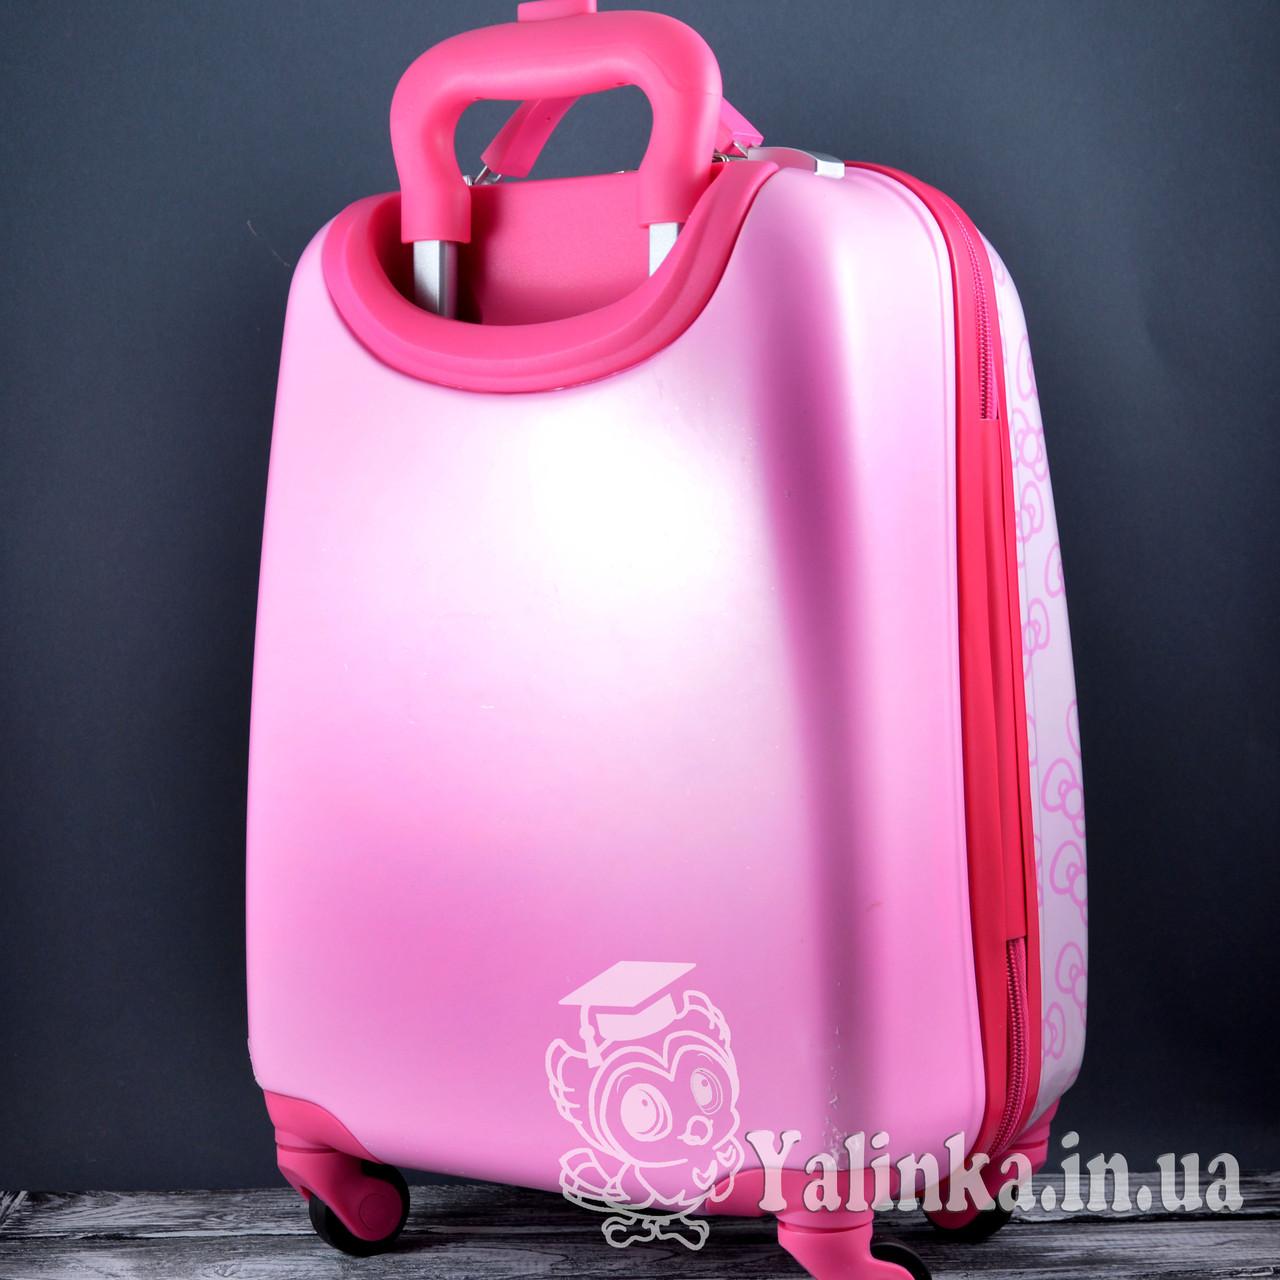 be4ae373acb9 Чемодан дорожный для детейна 4-х колесах Hello Kitty HK-701, цена 850,25  грн., купить в Харькове — Prom.ua (ID#799133781)